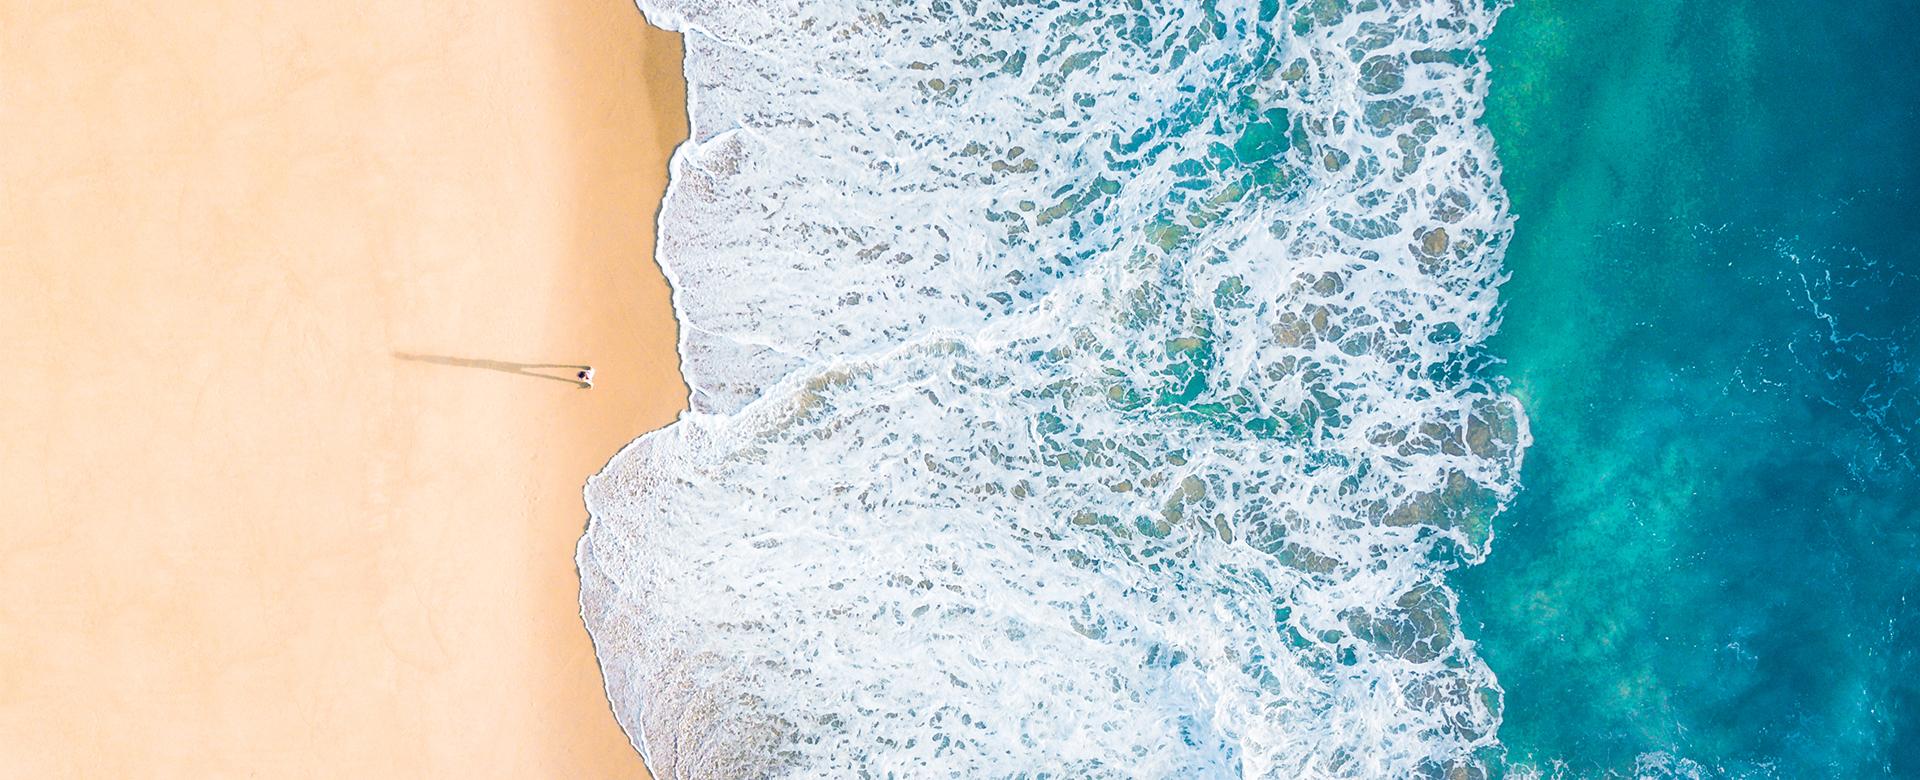 22-Over-View-Baba-Beach-Club-Phuket-Khok-Kloi-Best-Luxury-Beach-resort-Hotel